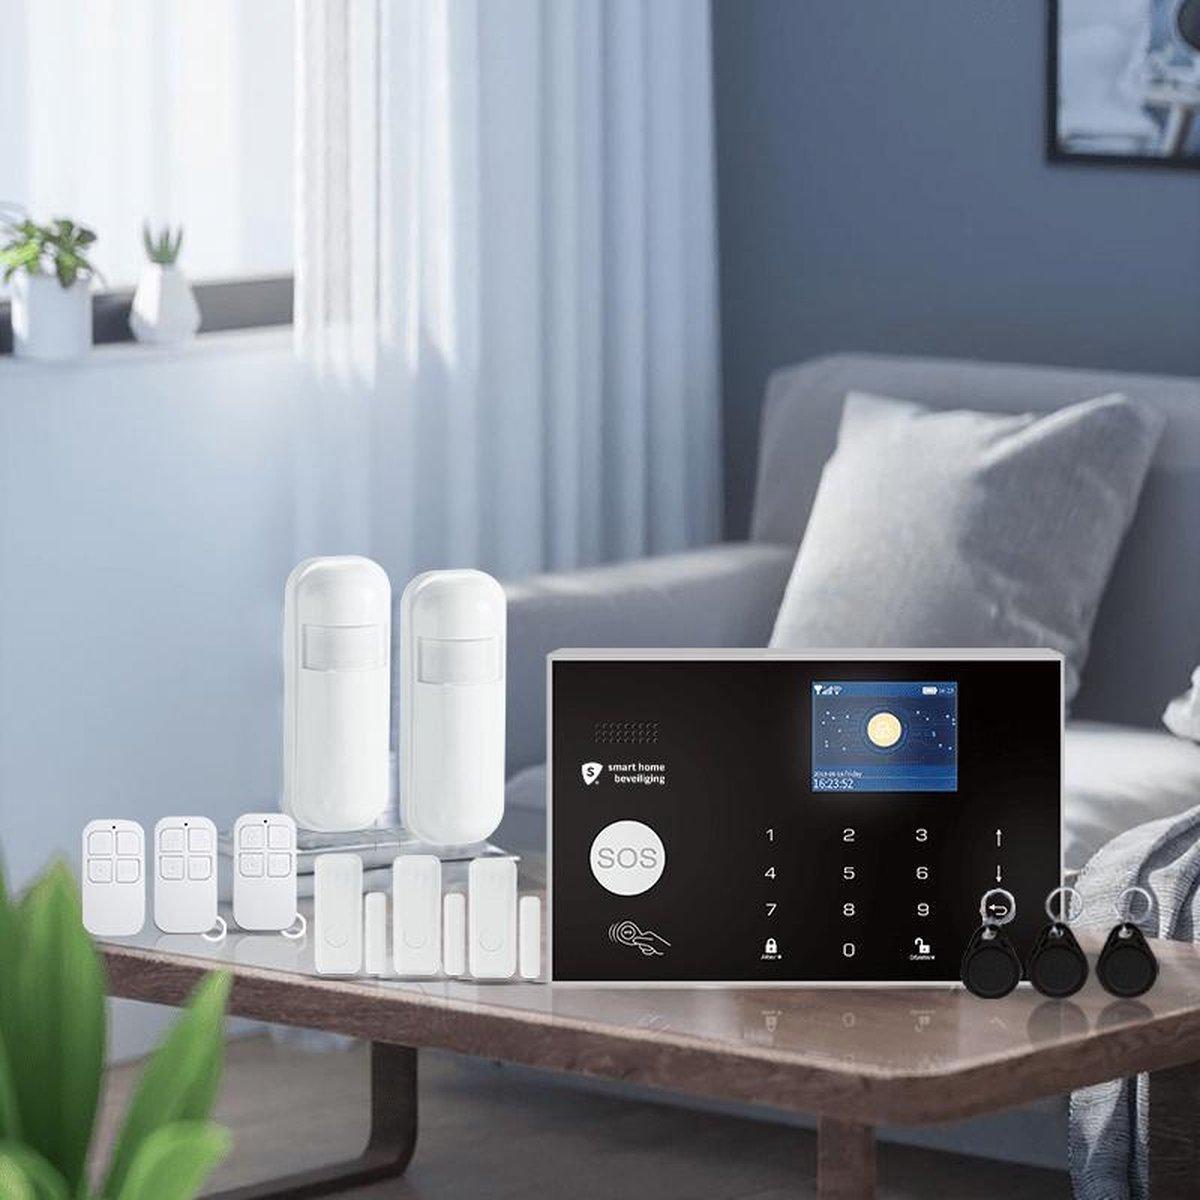 Alarmhub pro alarmsysteem - Smart Home Beveiliging - zonder camera - Keypad - Melding via app, SMS en oproep - SIM kaart - Slime alarmsysteem - Google home en Alexa - Uitbreidbaar